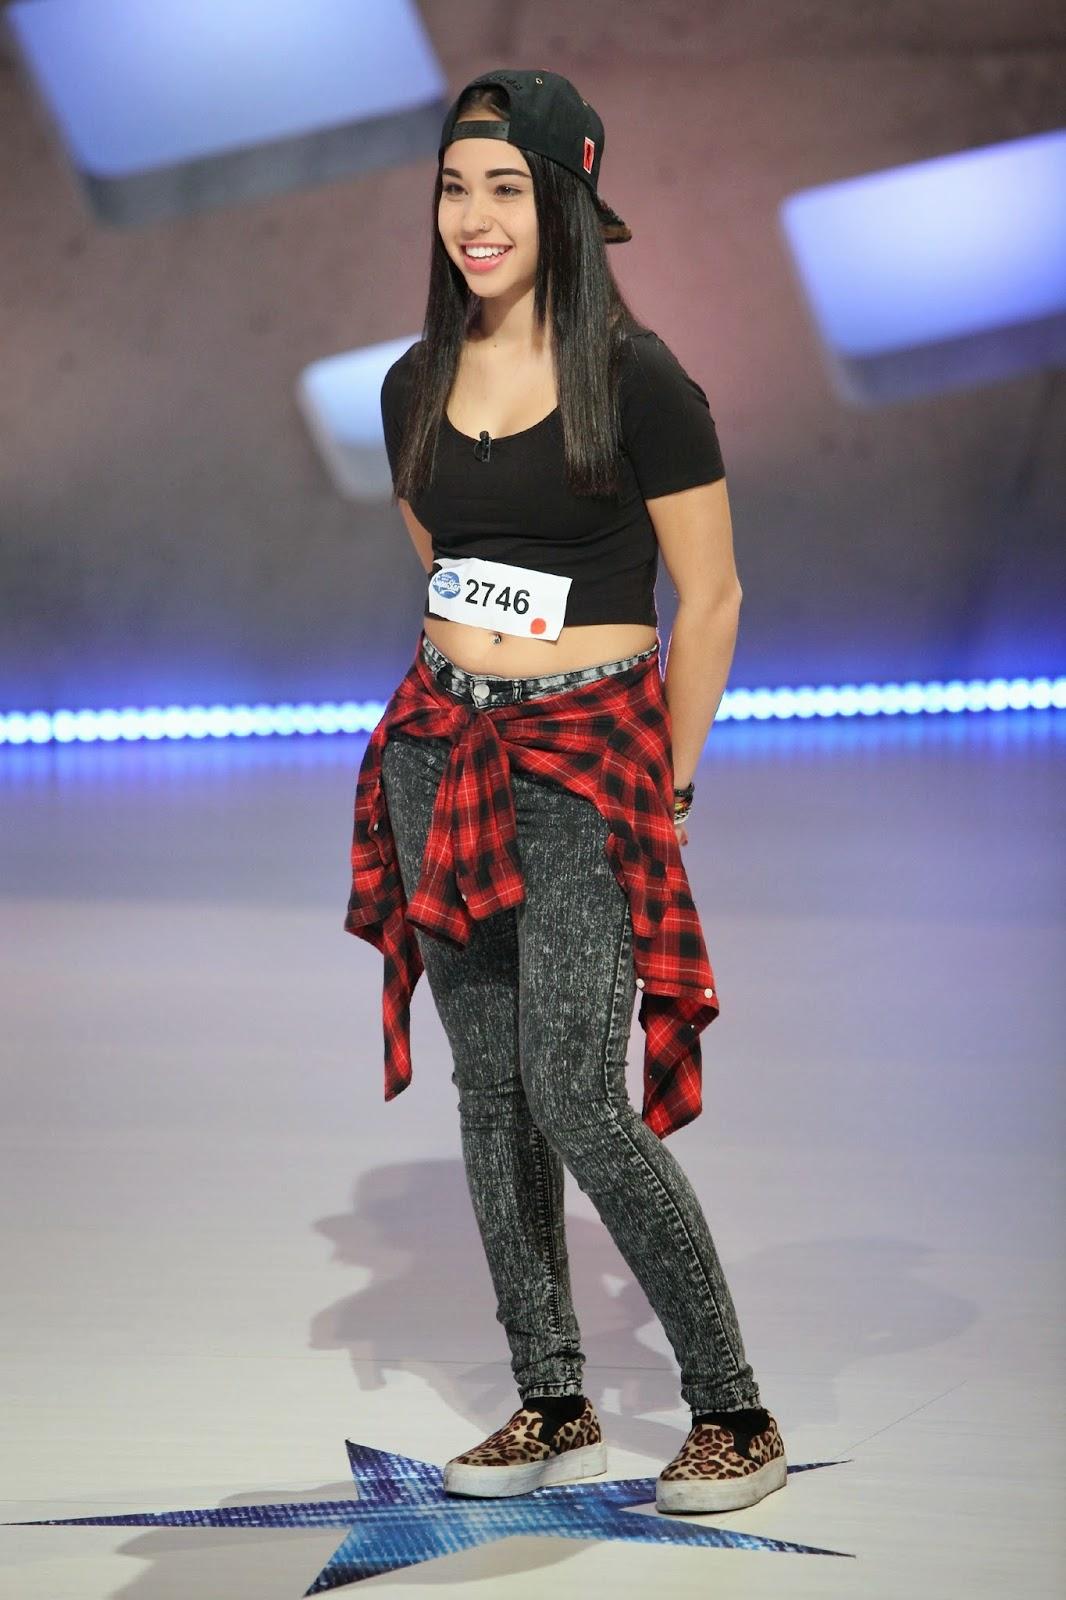 Dalia Hibish